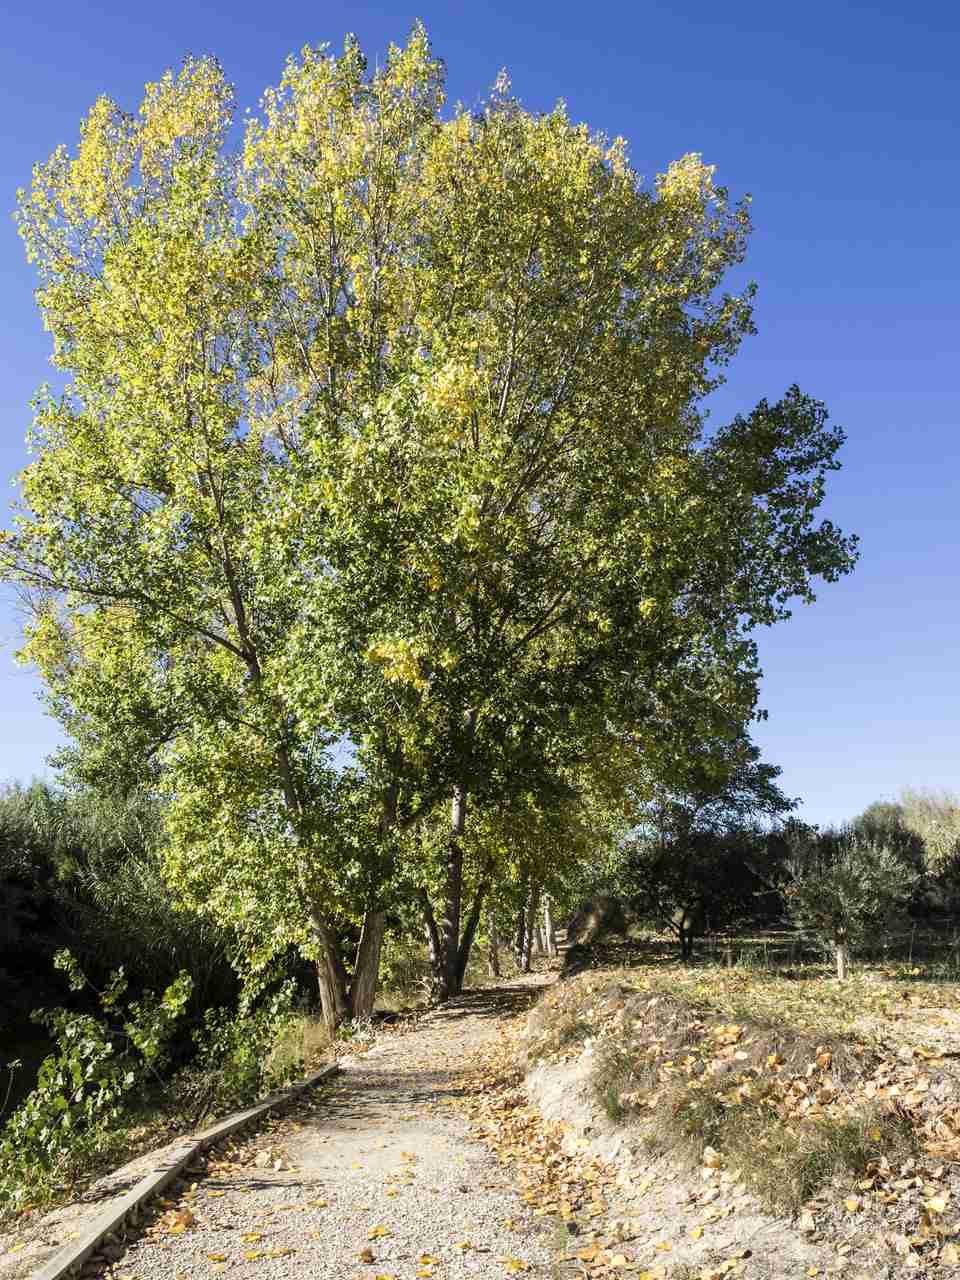 A distant Lombardy Poplar